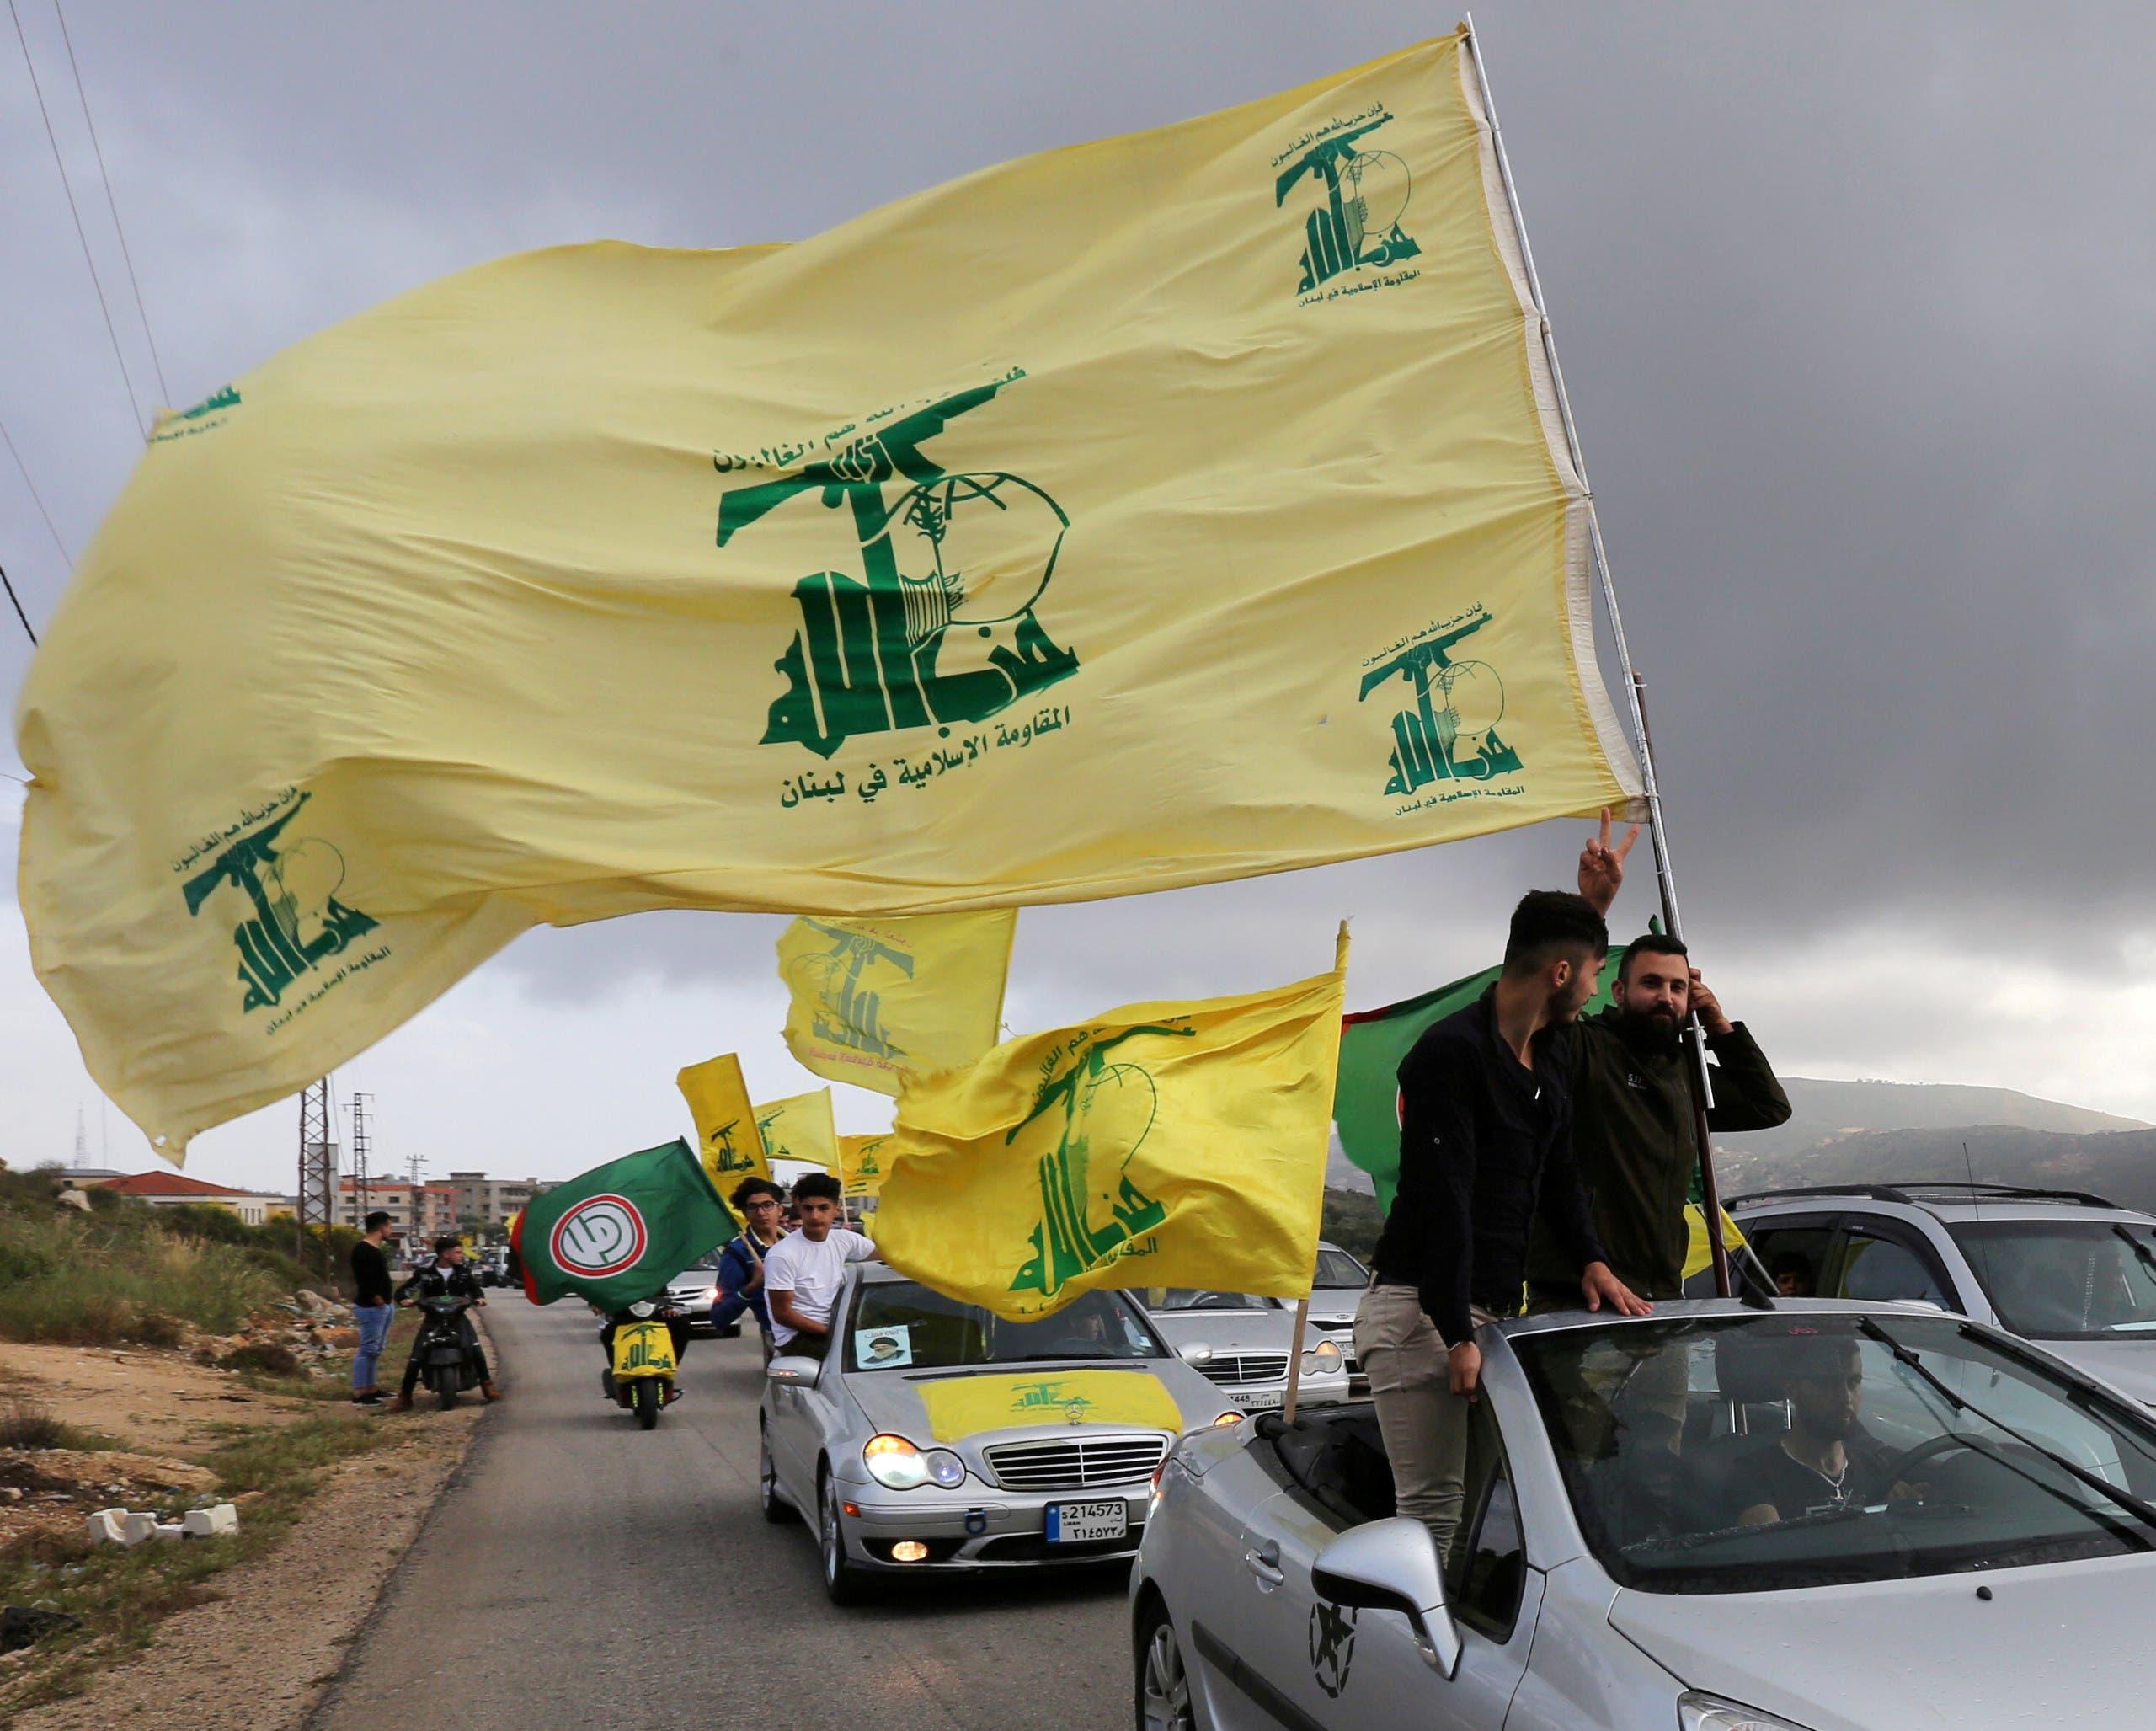 مناصرون لحزب الله يرفعون رايته في لبنان